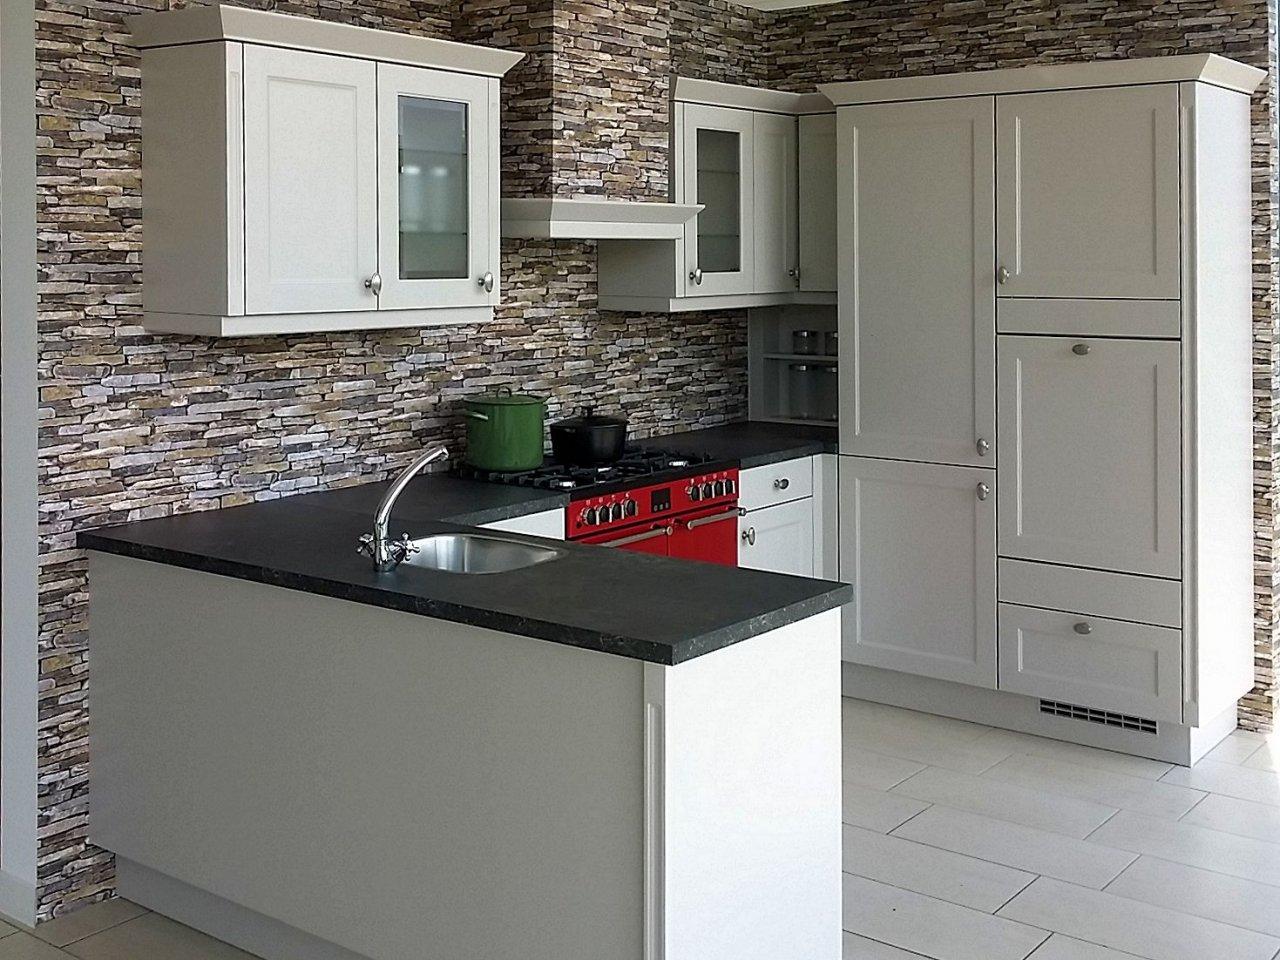 Landelijke Keukens Showroom : Van een strakke designkeuken tot een gezellige landelijke keuken